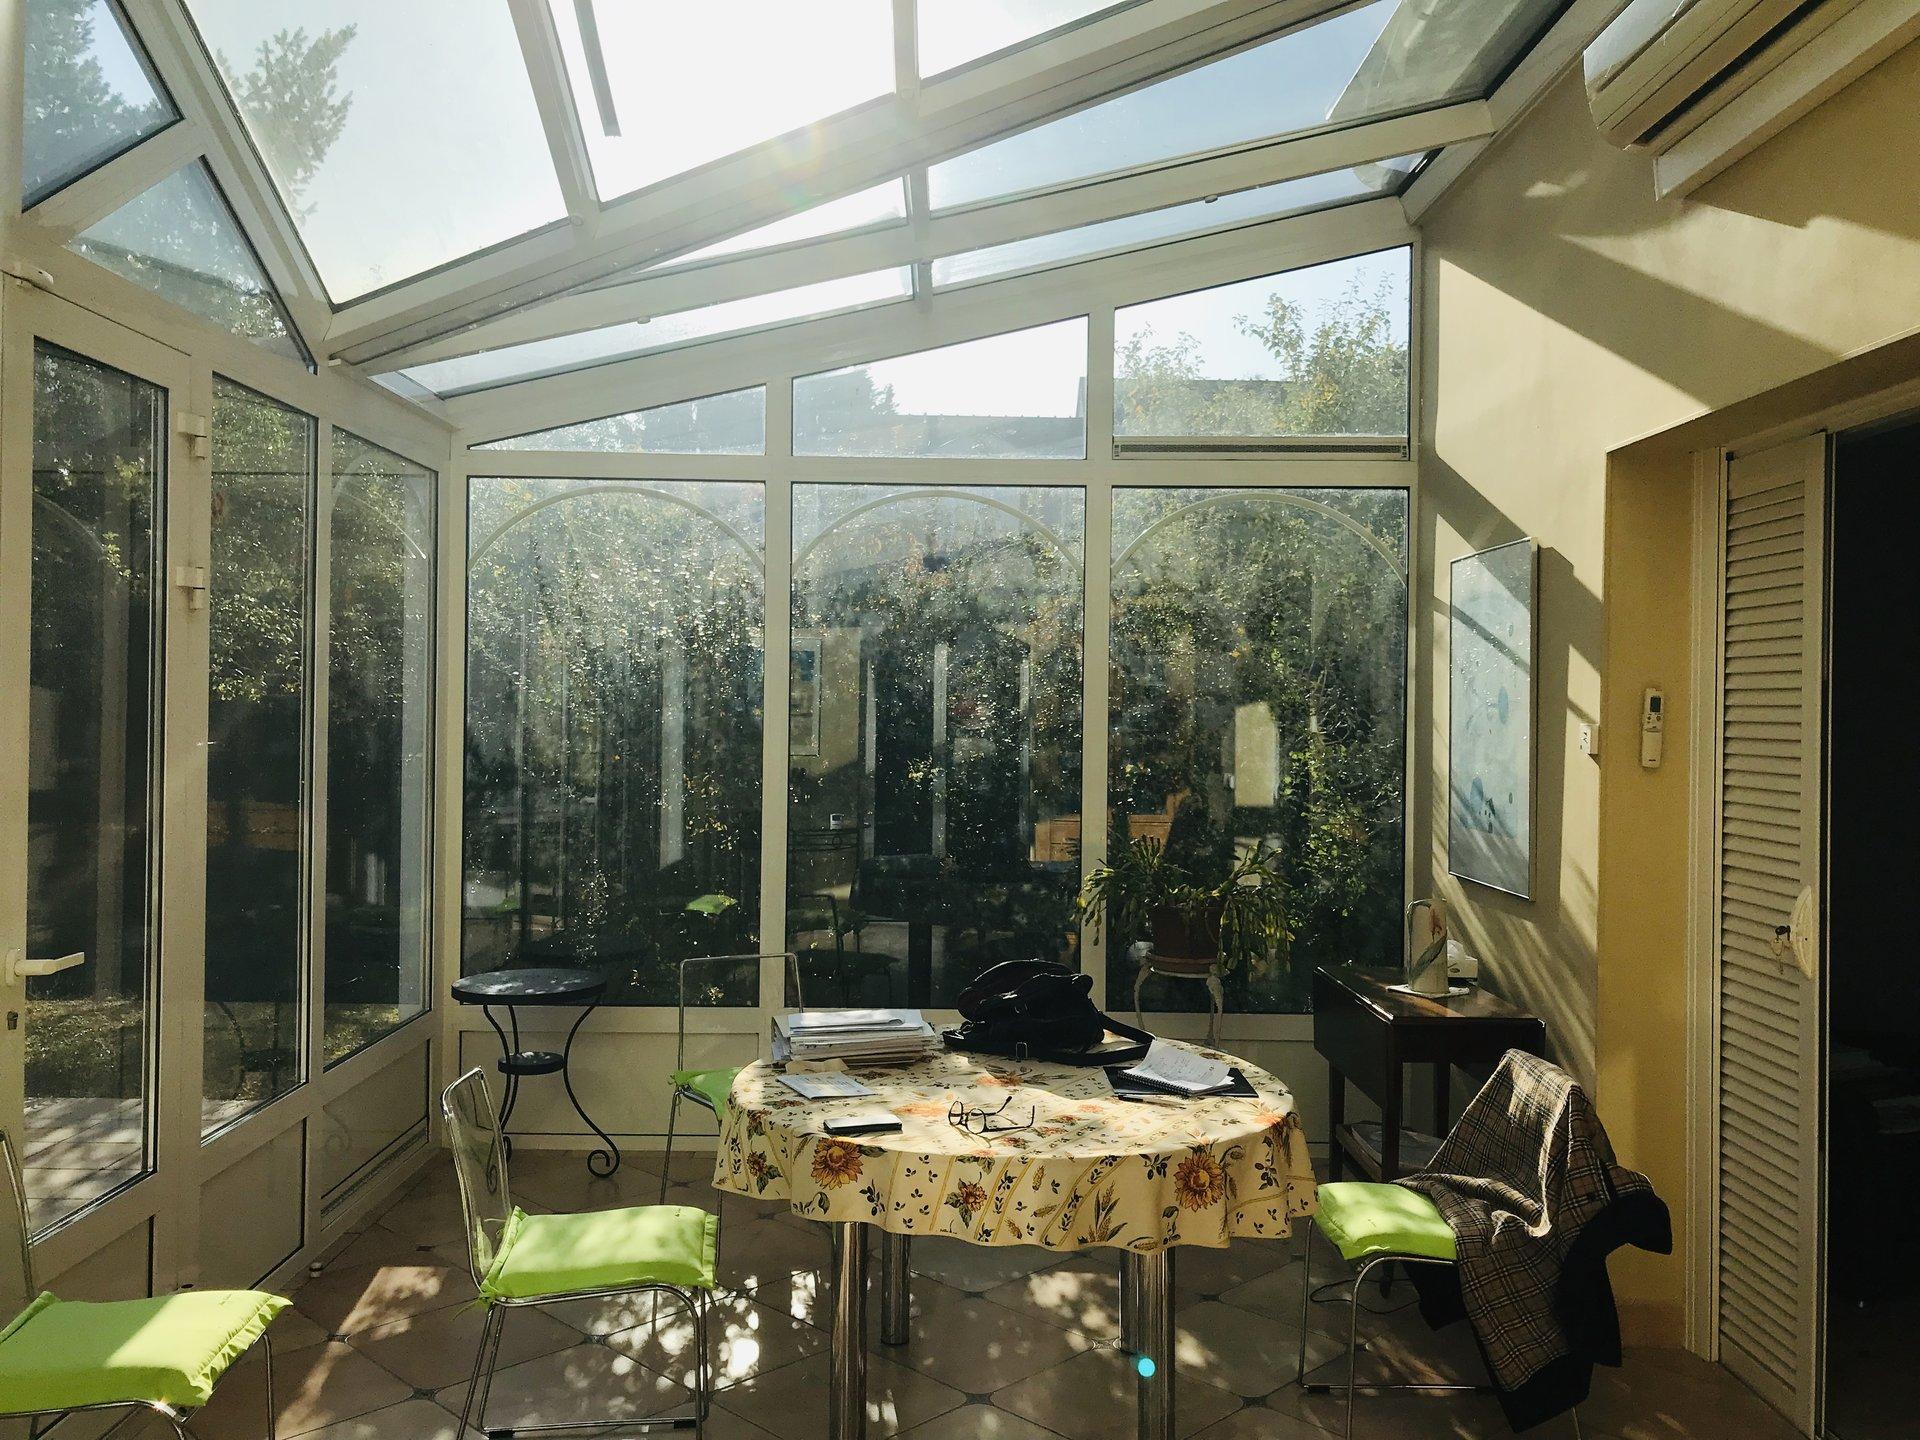 Maison 4 chambres + studio indépendant